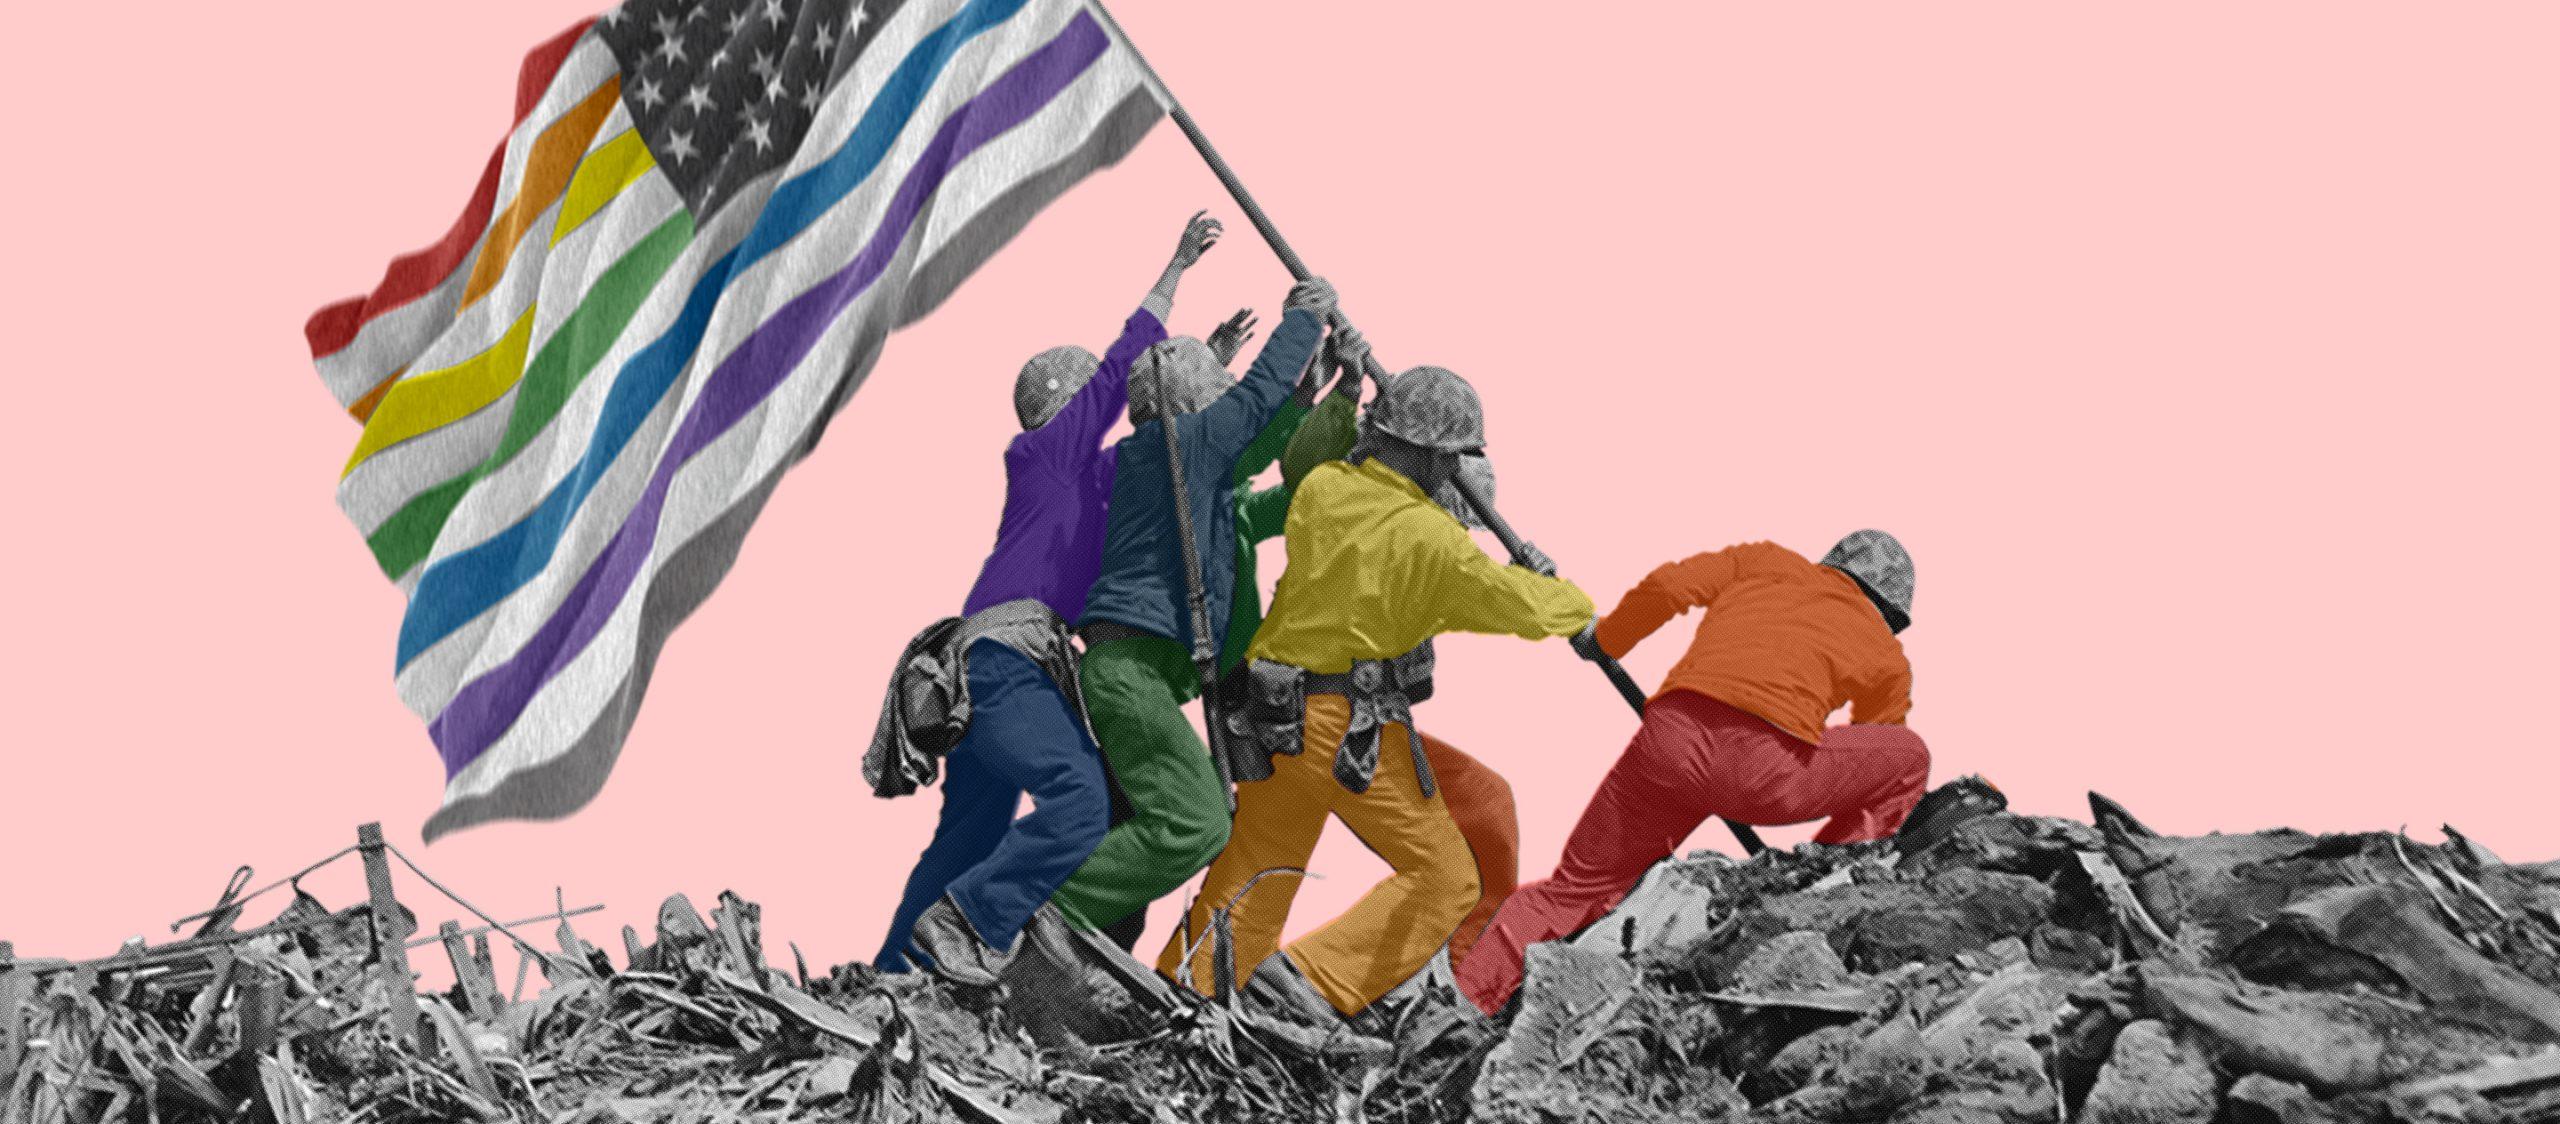 จะรักชาติหรือเชิดชูเพศสภาพ ความปกติใหม่ของอุดมการณ์ชาตินิยมแบบรักร่วมเพศ (homonationalism)